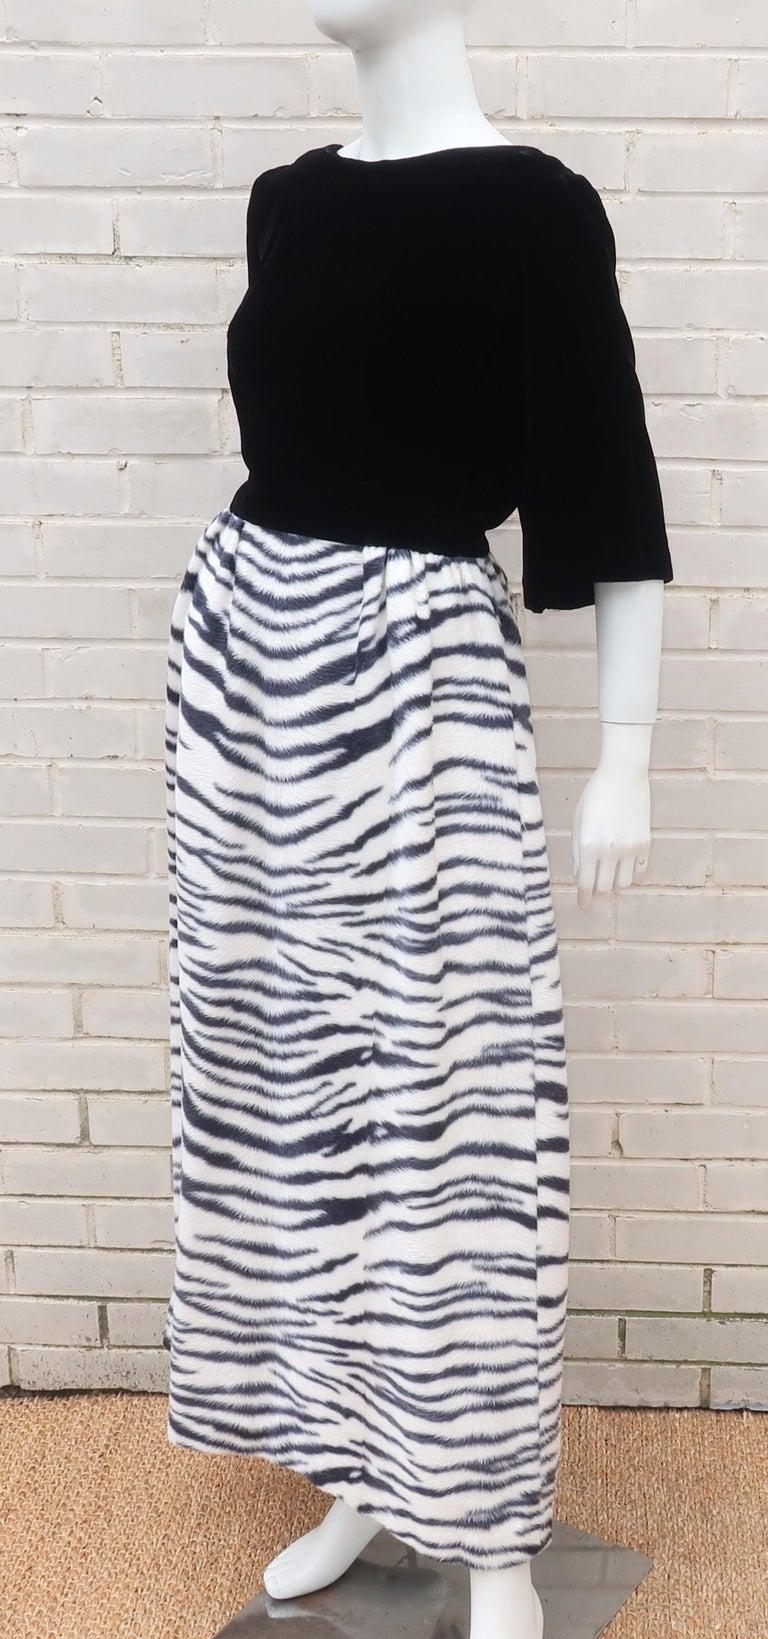 Black Velvet & Zebra Faux Fur Hostess Dress, C.1960 For Sale 4